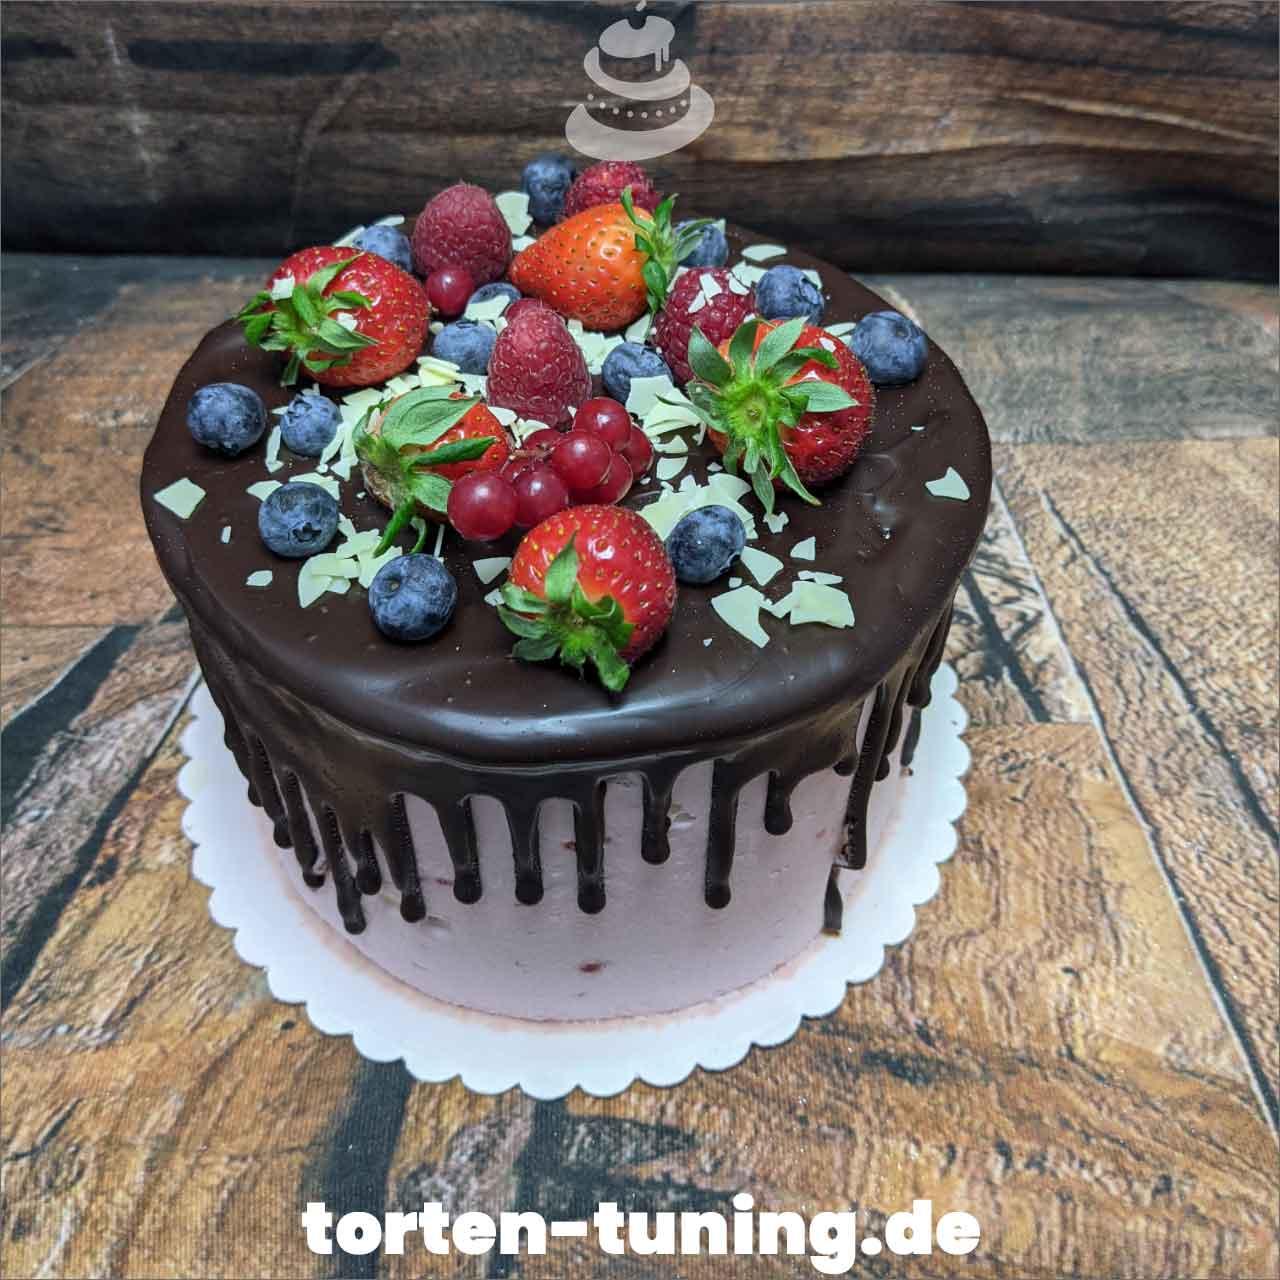 Dripcake Obsttorte Geburtstagstorte Motivtorte Torte Tortendekoration Torte online bestellen Suhl Thüringen Torten Tuning Sahnetorte Tortenfiguren Cake Topper